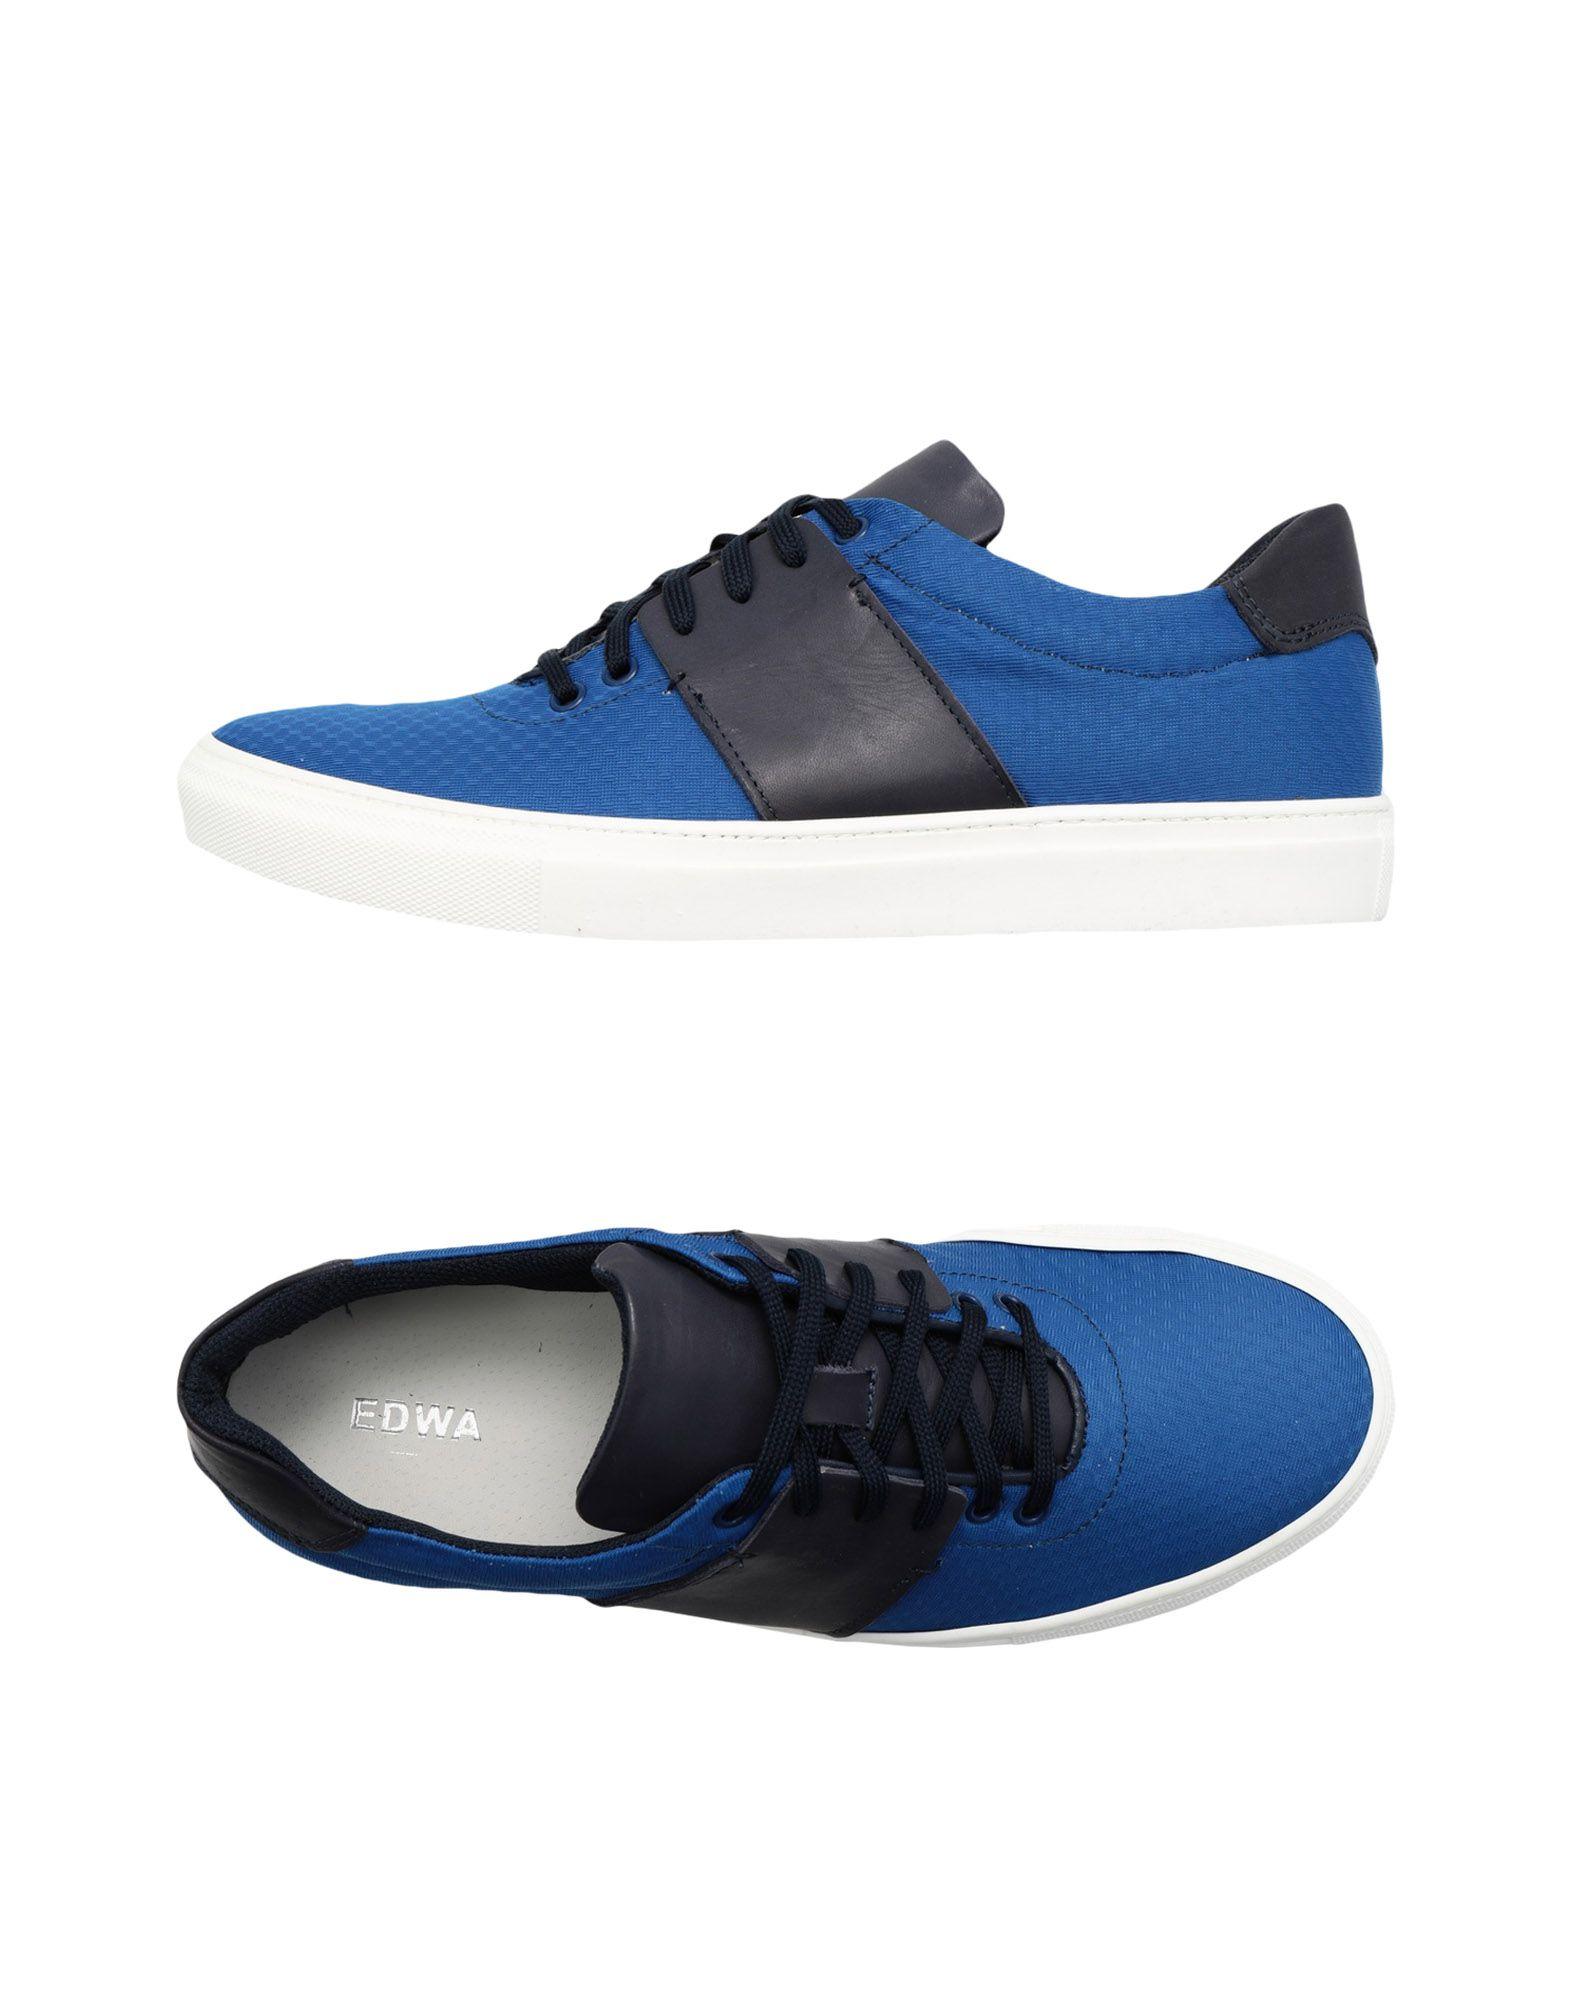 Edwa Sneakers Herren   Herren 11458252WB 8c0585